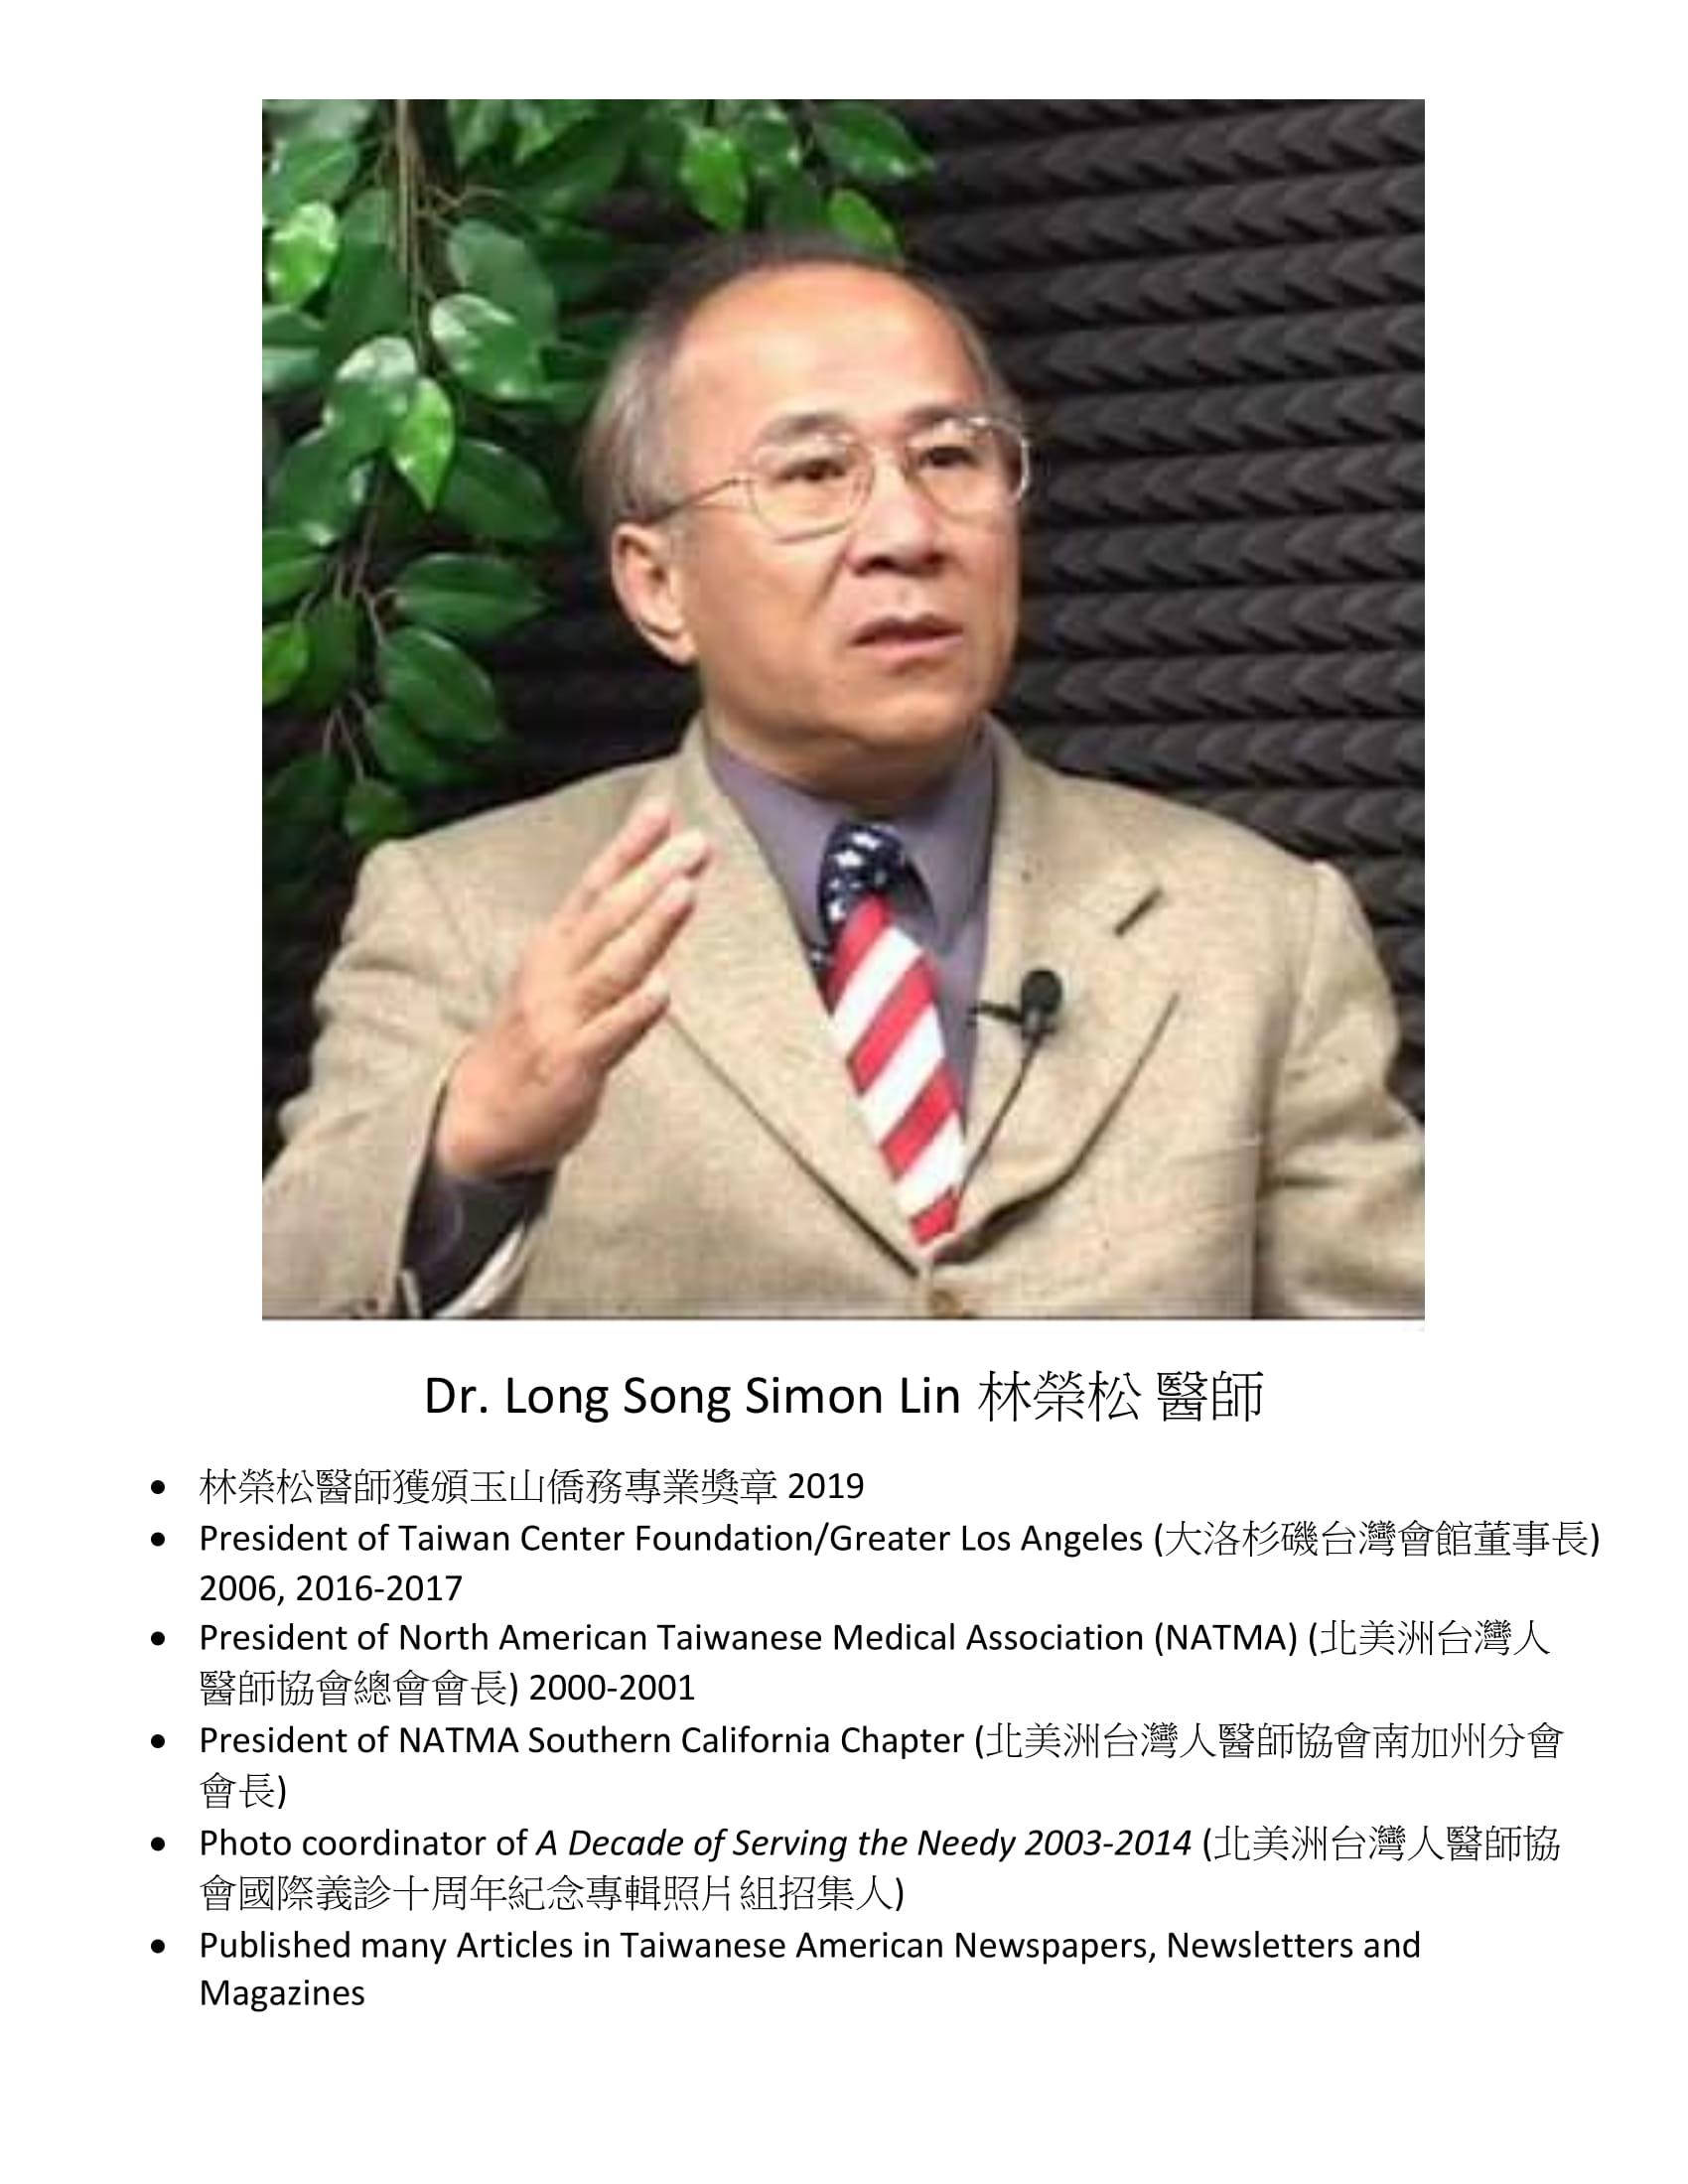 134. Dr. Long Song Simon Lin 林榮松醫師